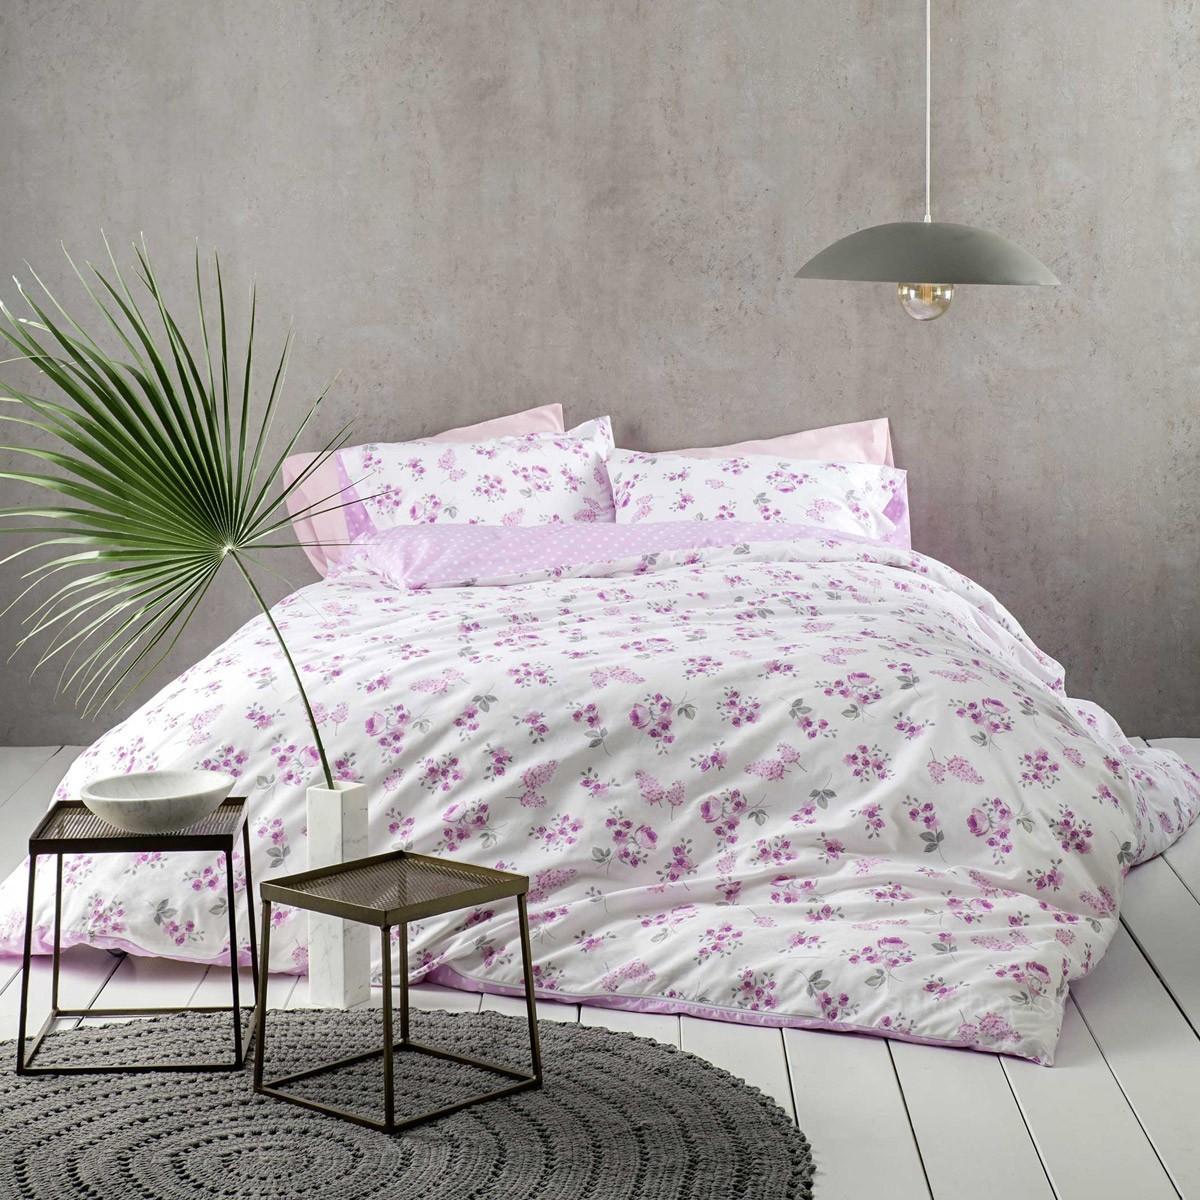 Σεντόνια Υπέρδιπλα (Σετ) Nima Bed Linen Alyssa Pink ΧΩΡΙΣ ΛΑΣΤΙΧΟ ΧΩΡΙΣ ΛΑΣΤΙΧΟ